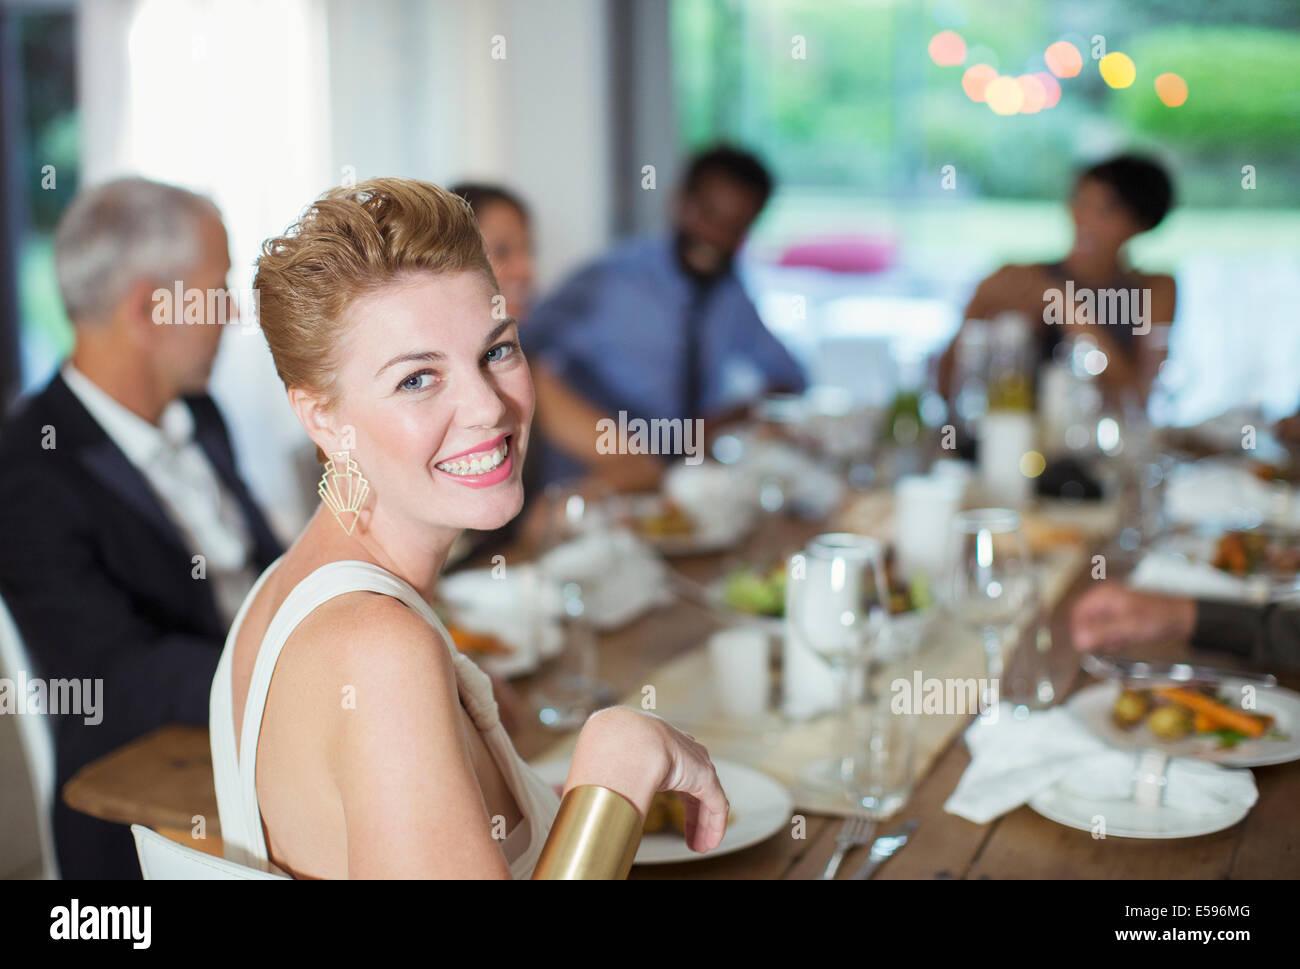 Donna sorridente al dinner party Immagini Stock